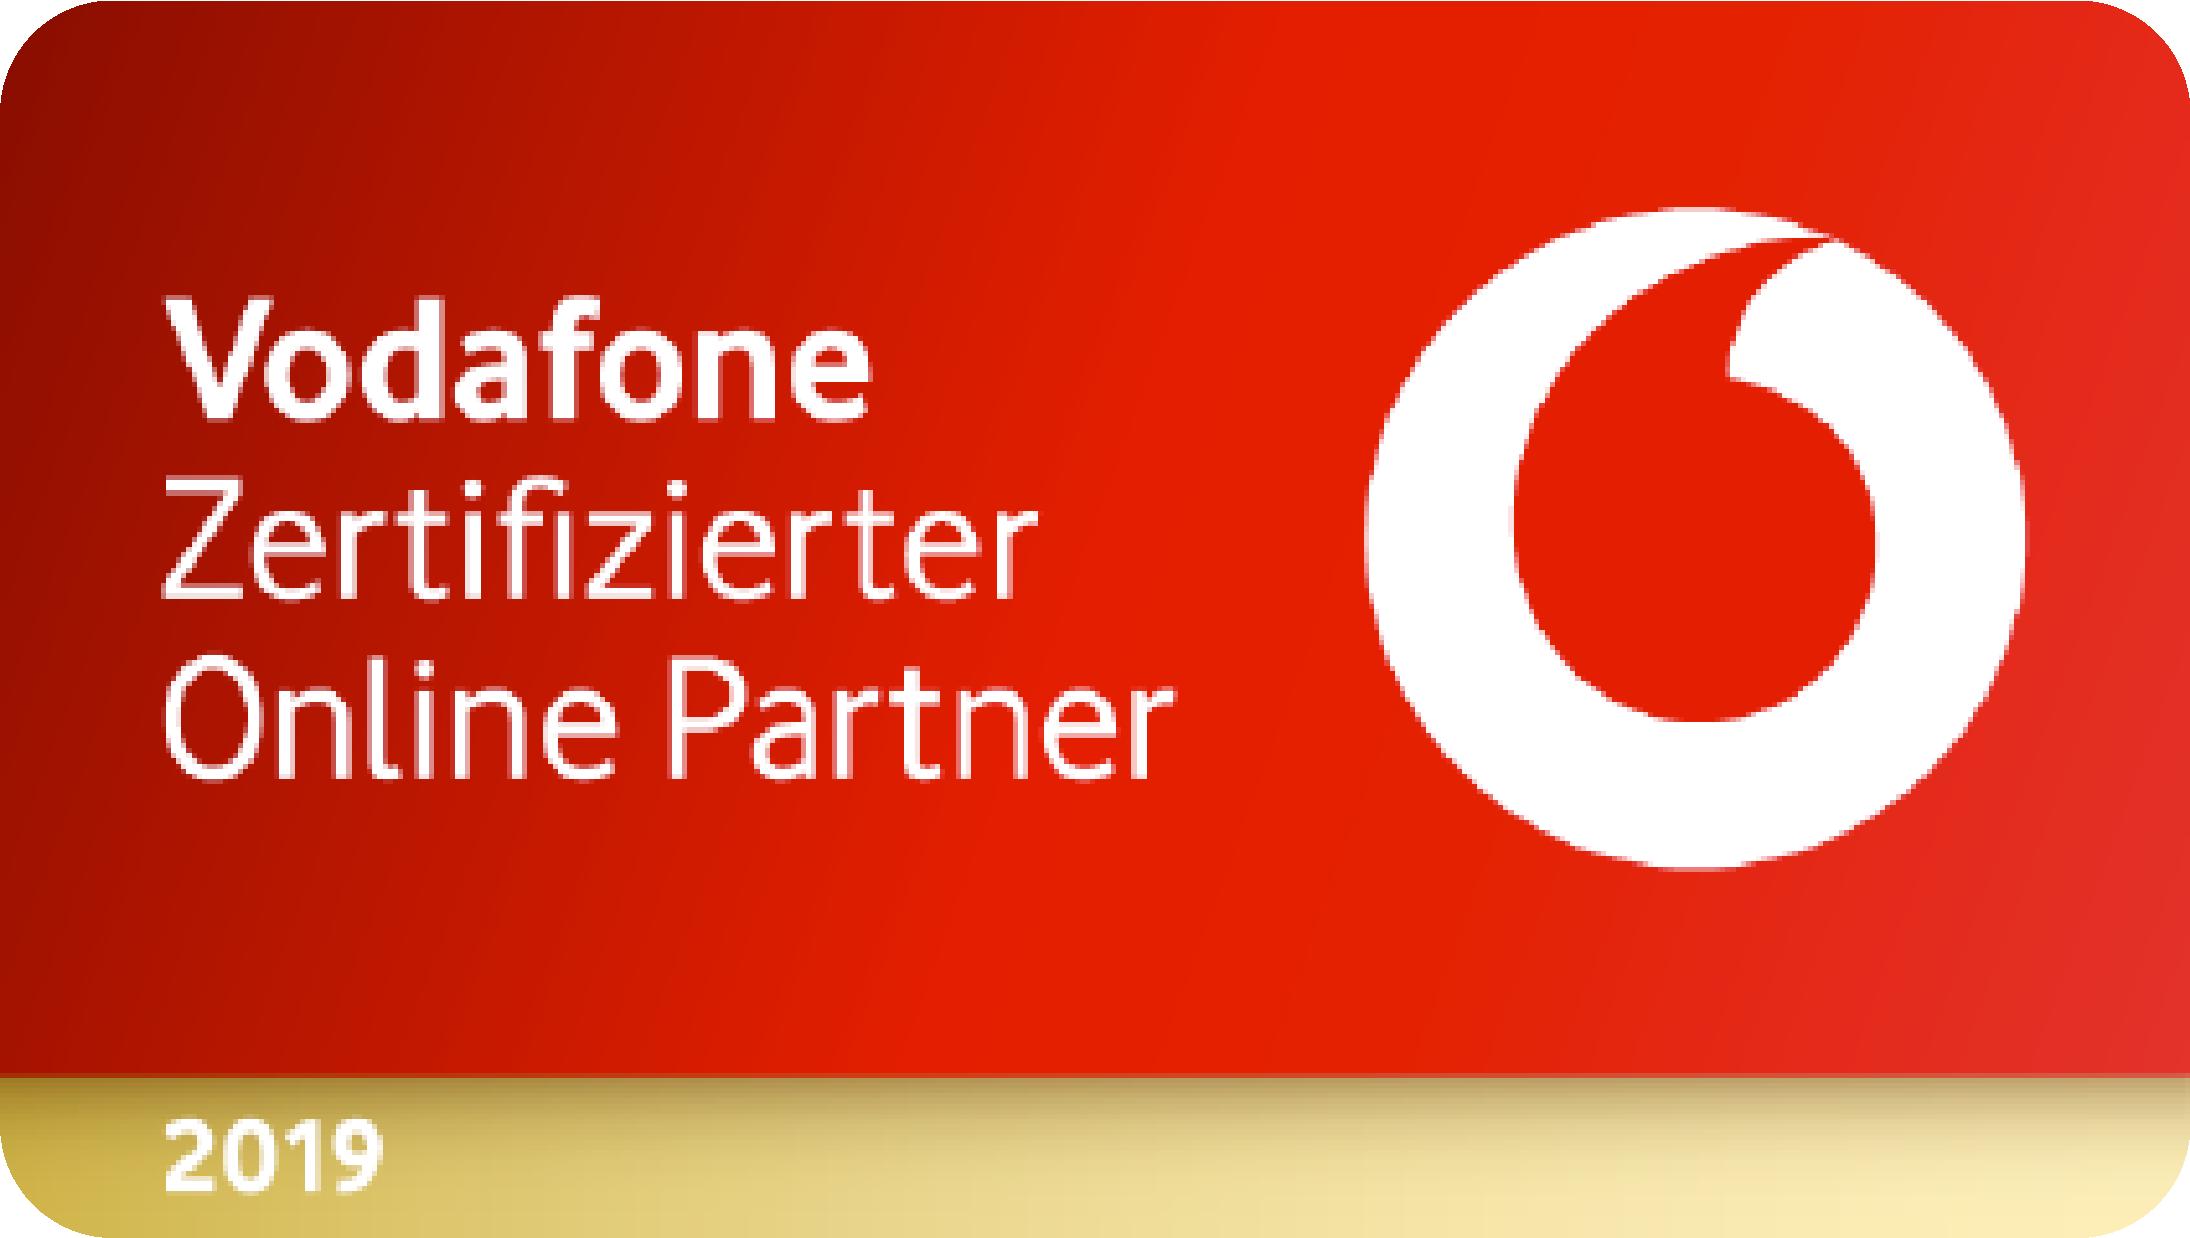 Vodafone Internet Vertriebspartner